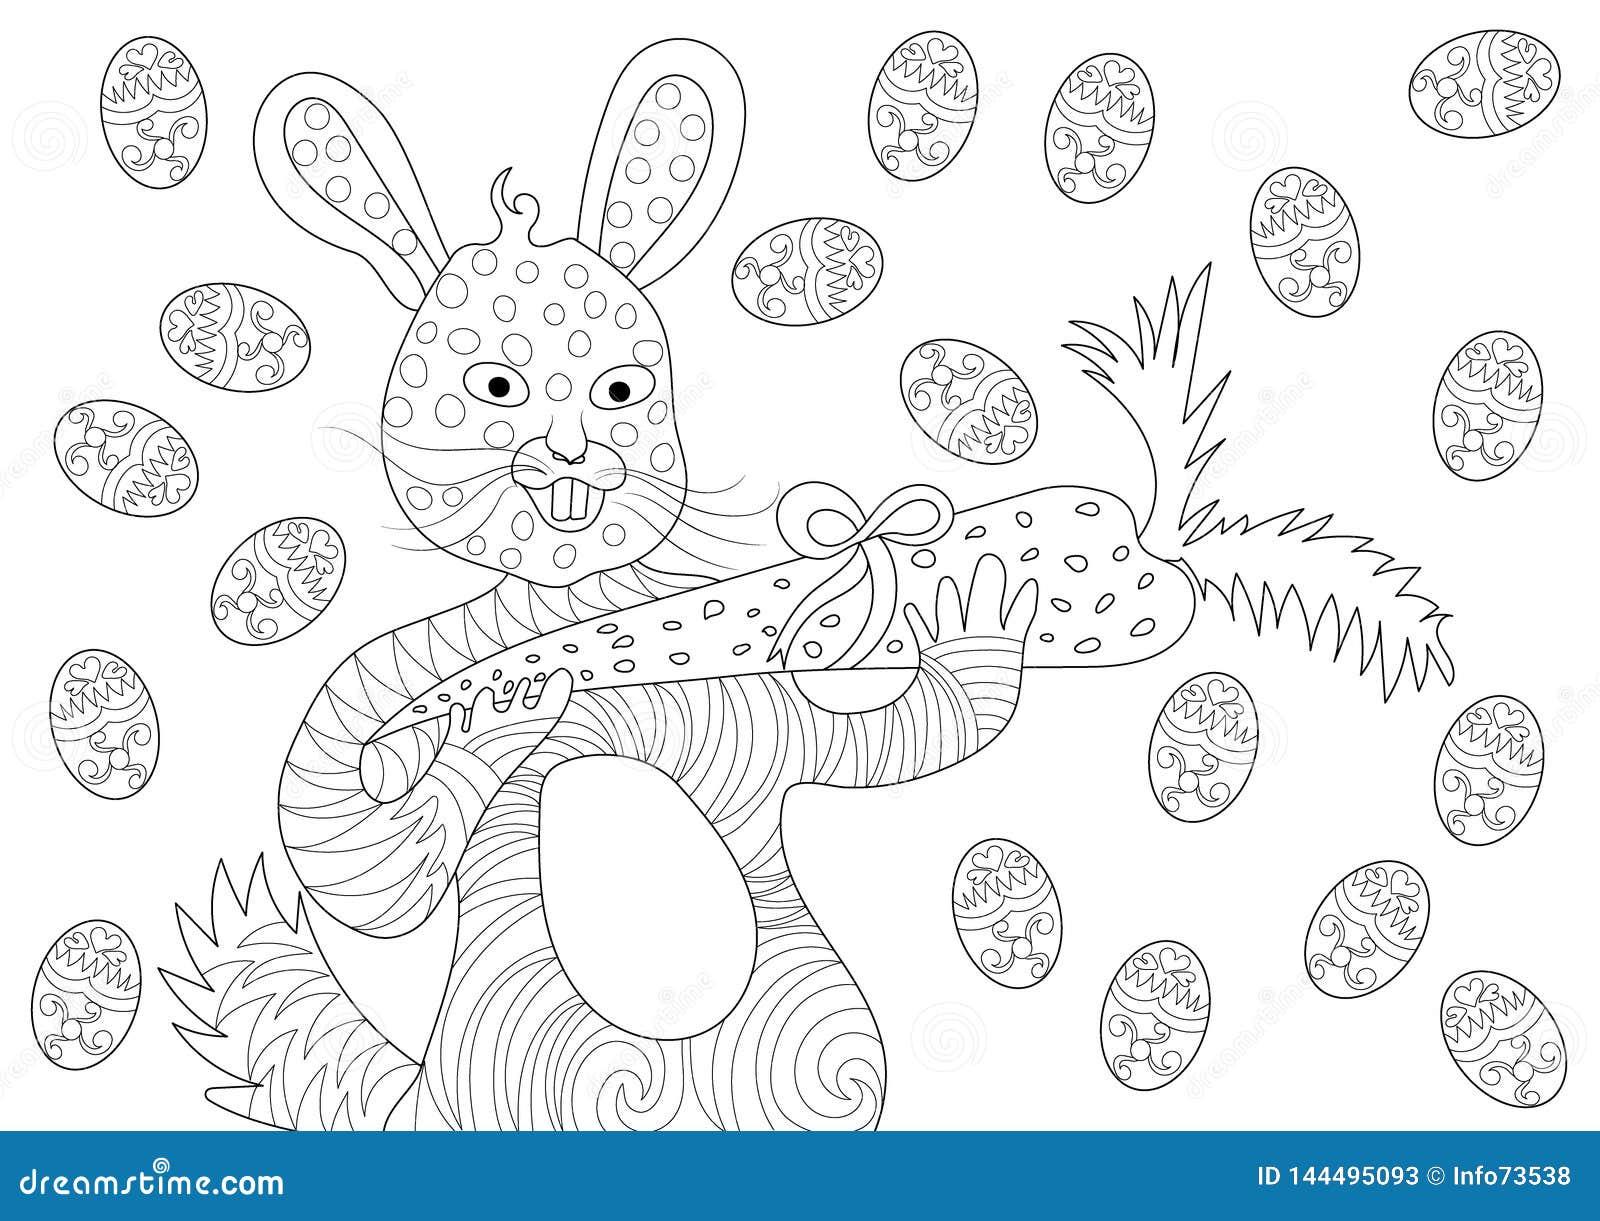 Pasen Bunny Eating Carrot en Gelukkig met Eieren in het Kleuren van Boekpatroon